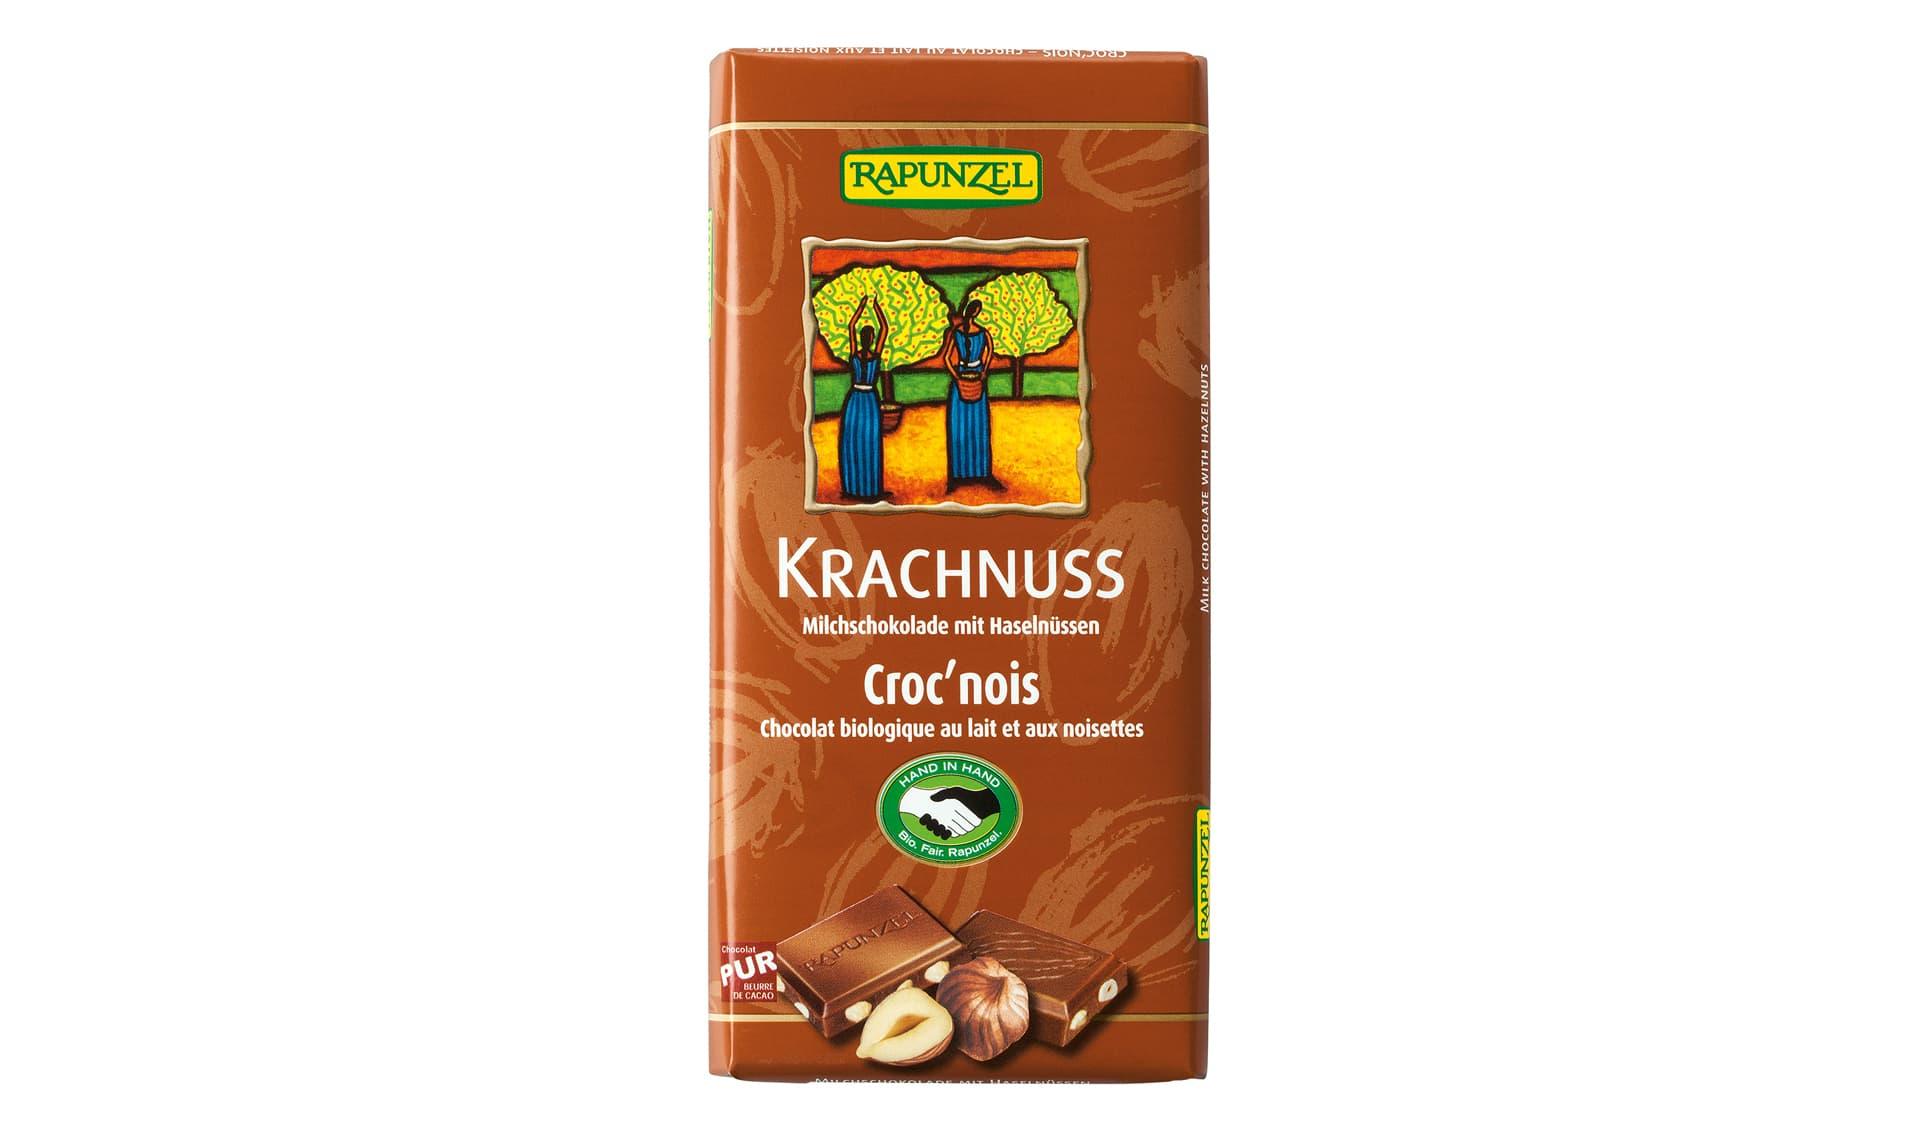 Rapunzel Krachnuss (www.rapunzel.de)